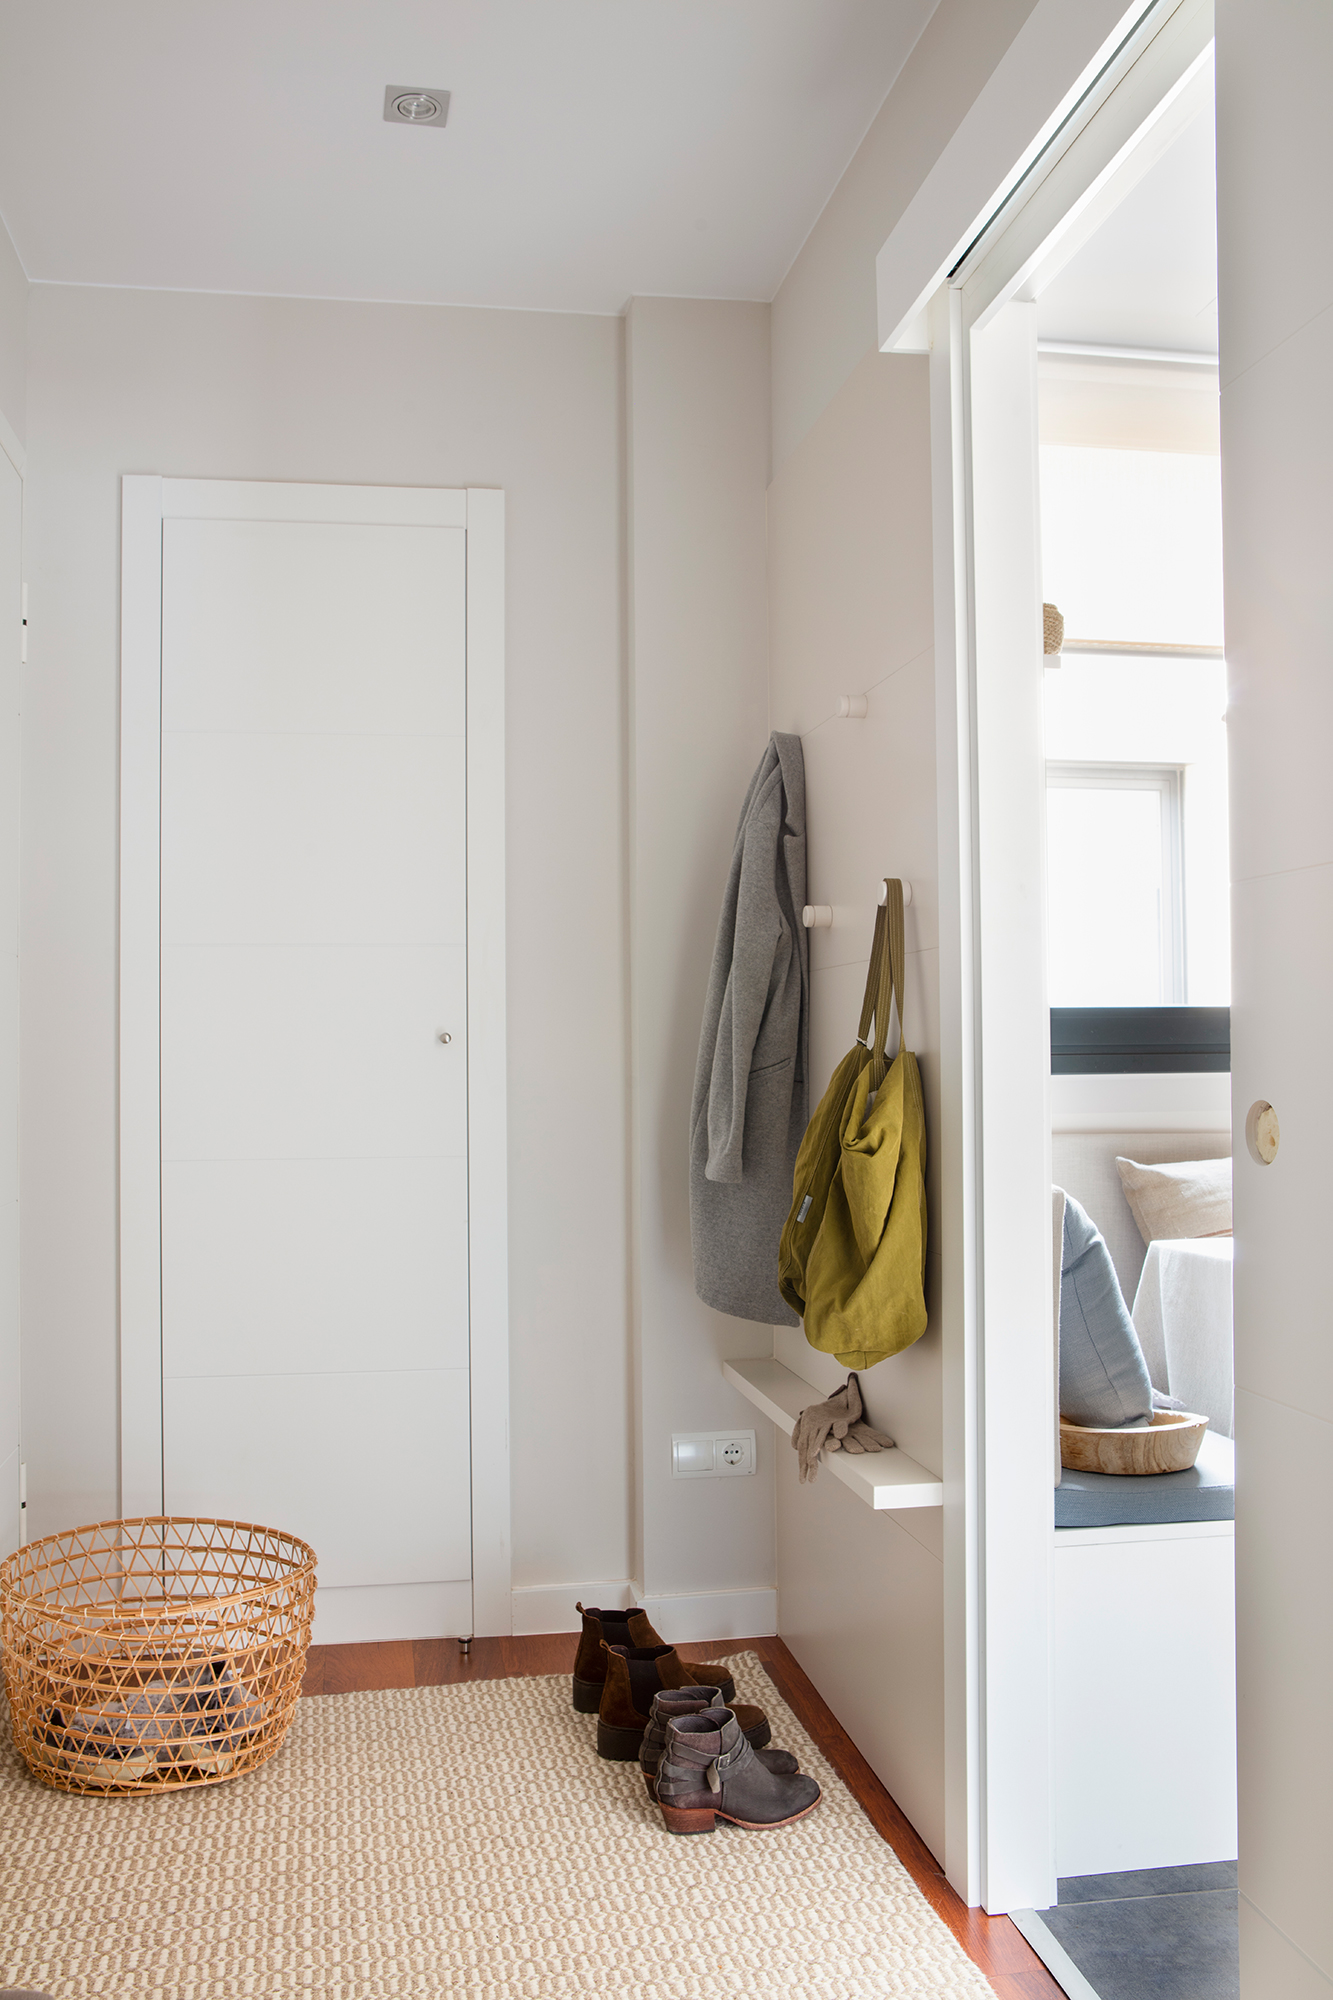 Cu nto cuesta pintar un piso for Cuanto cuesta poner una puerta interior